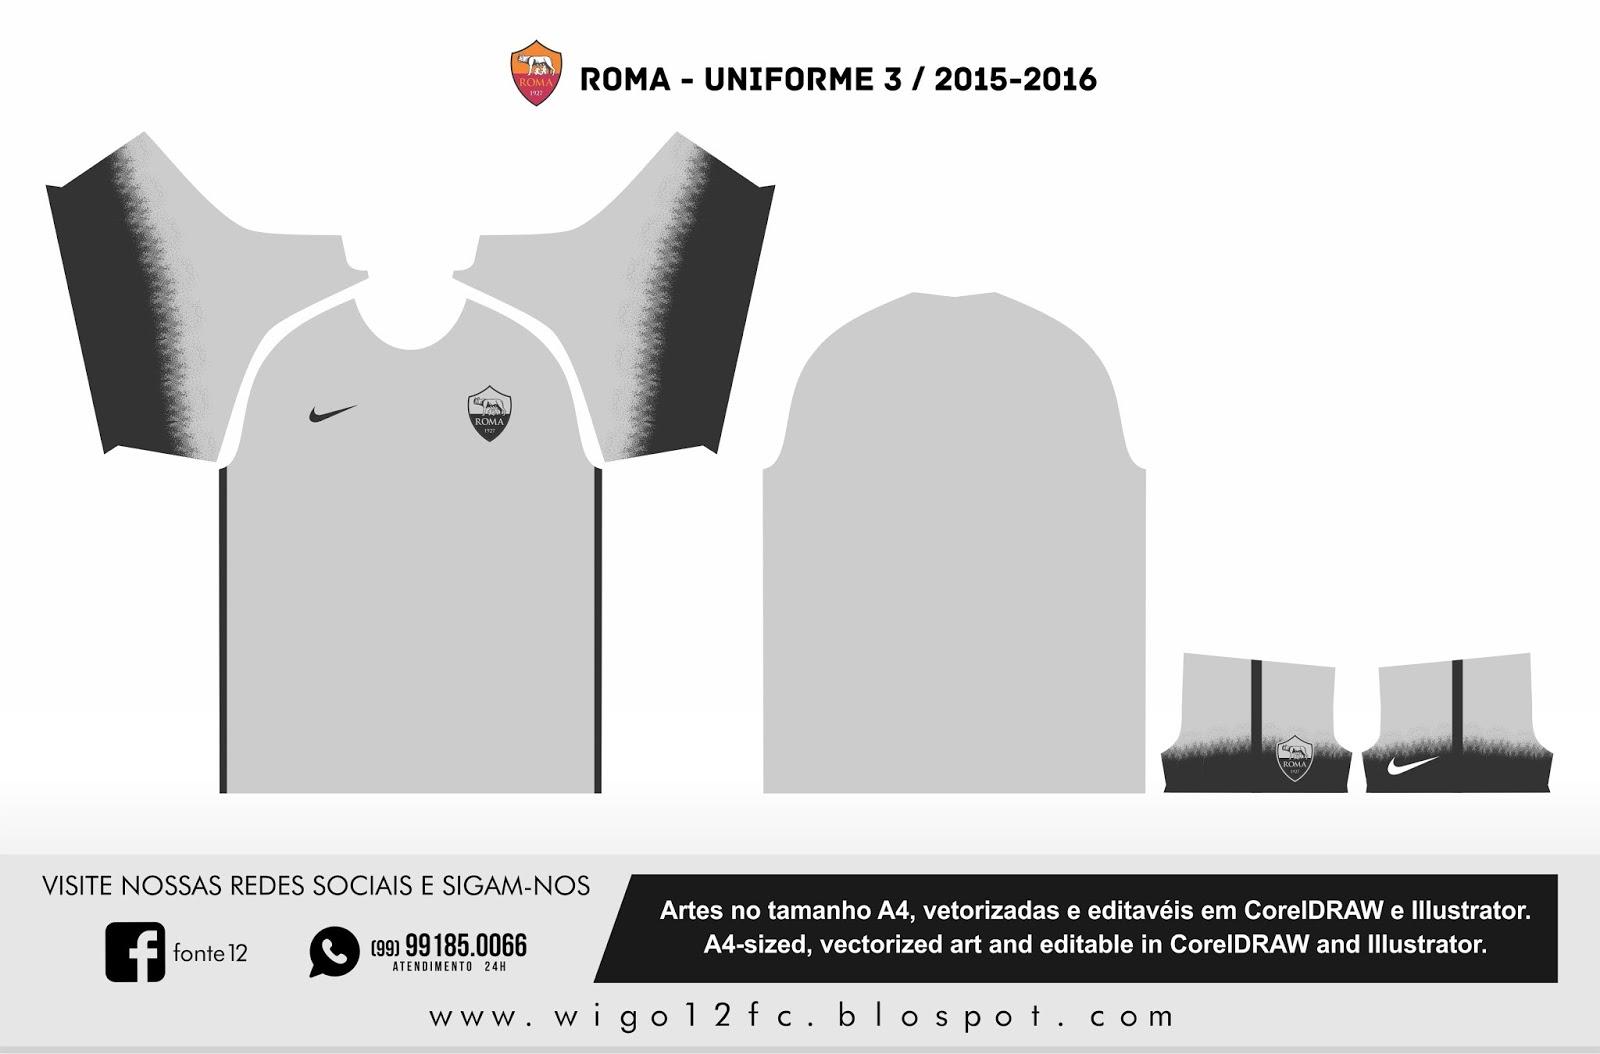 9dee188f25 Fontes Camisas de Futebol  Uniforme Roma 2015-2016